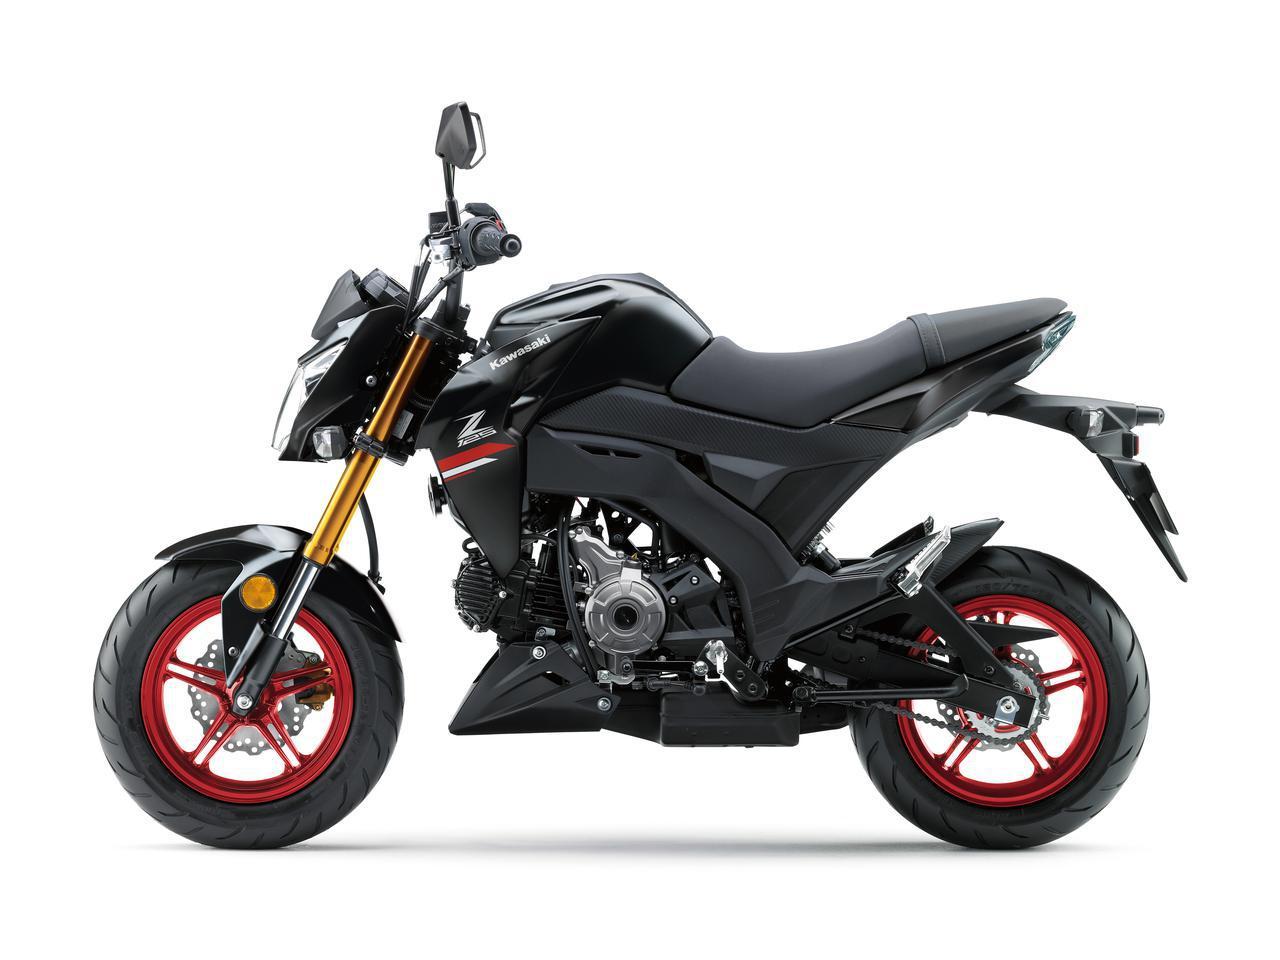 画像9: これが最後!? カワサキが原付二種スポーツバイク「Z125 PRO」の2021年モデルを発表!